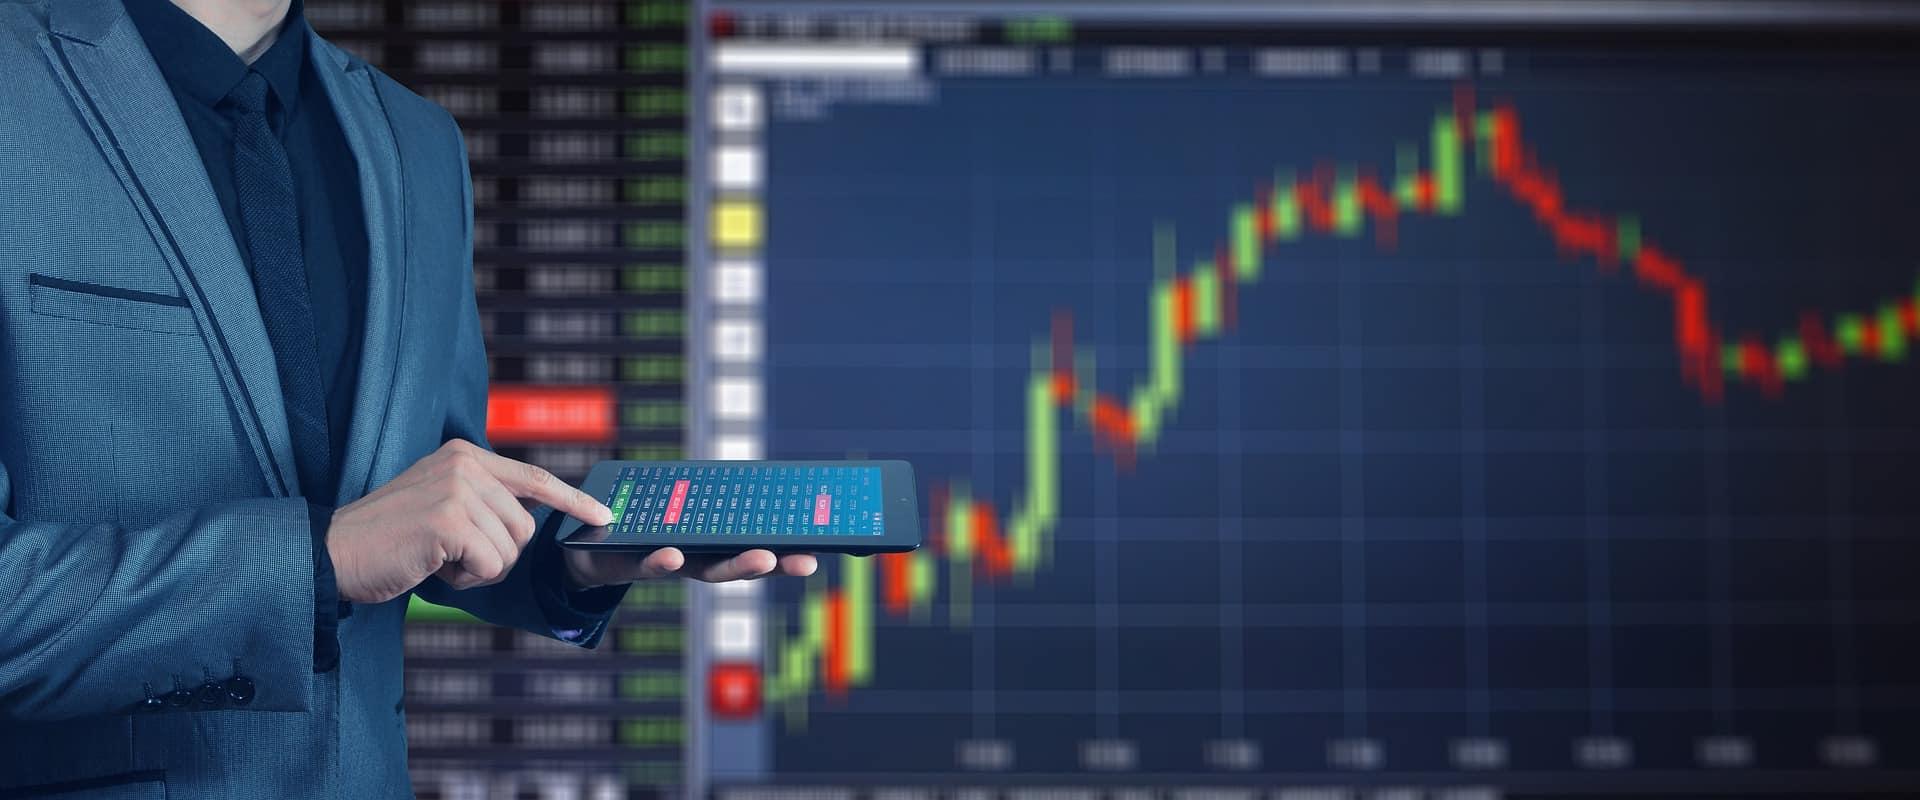 Teszteld le, mennyire lennél jó bróker! Eltalálod ránézésre, hogy emelkedik vagy csökken egy részvény árfolyama?